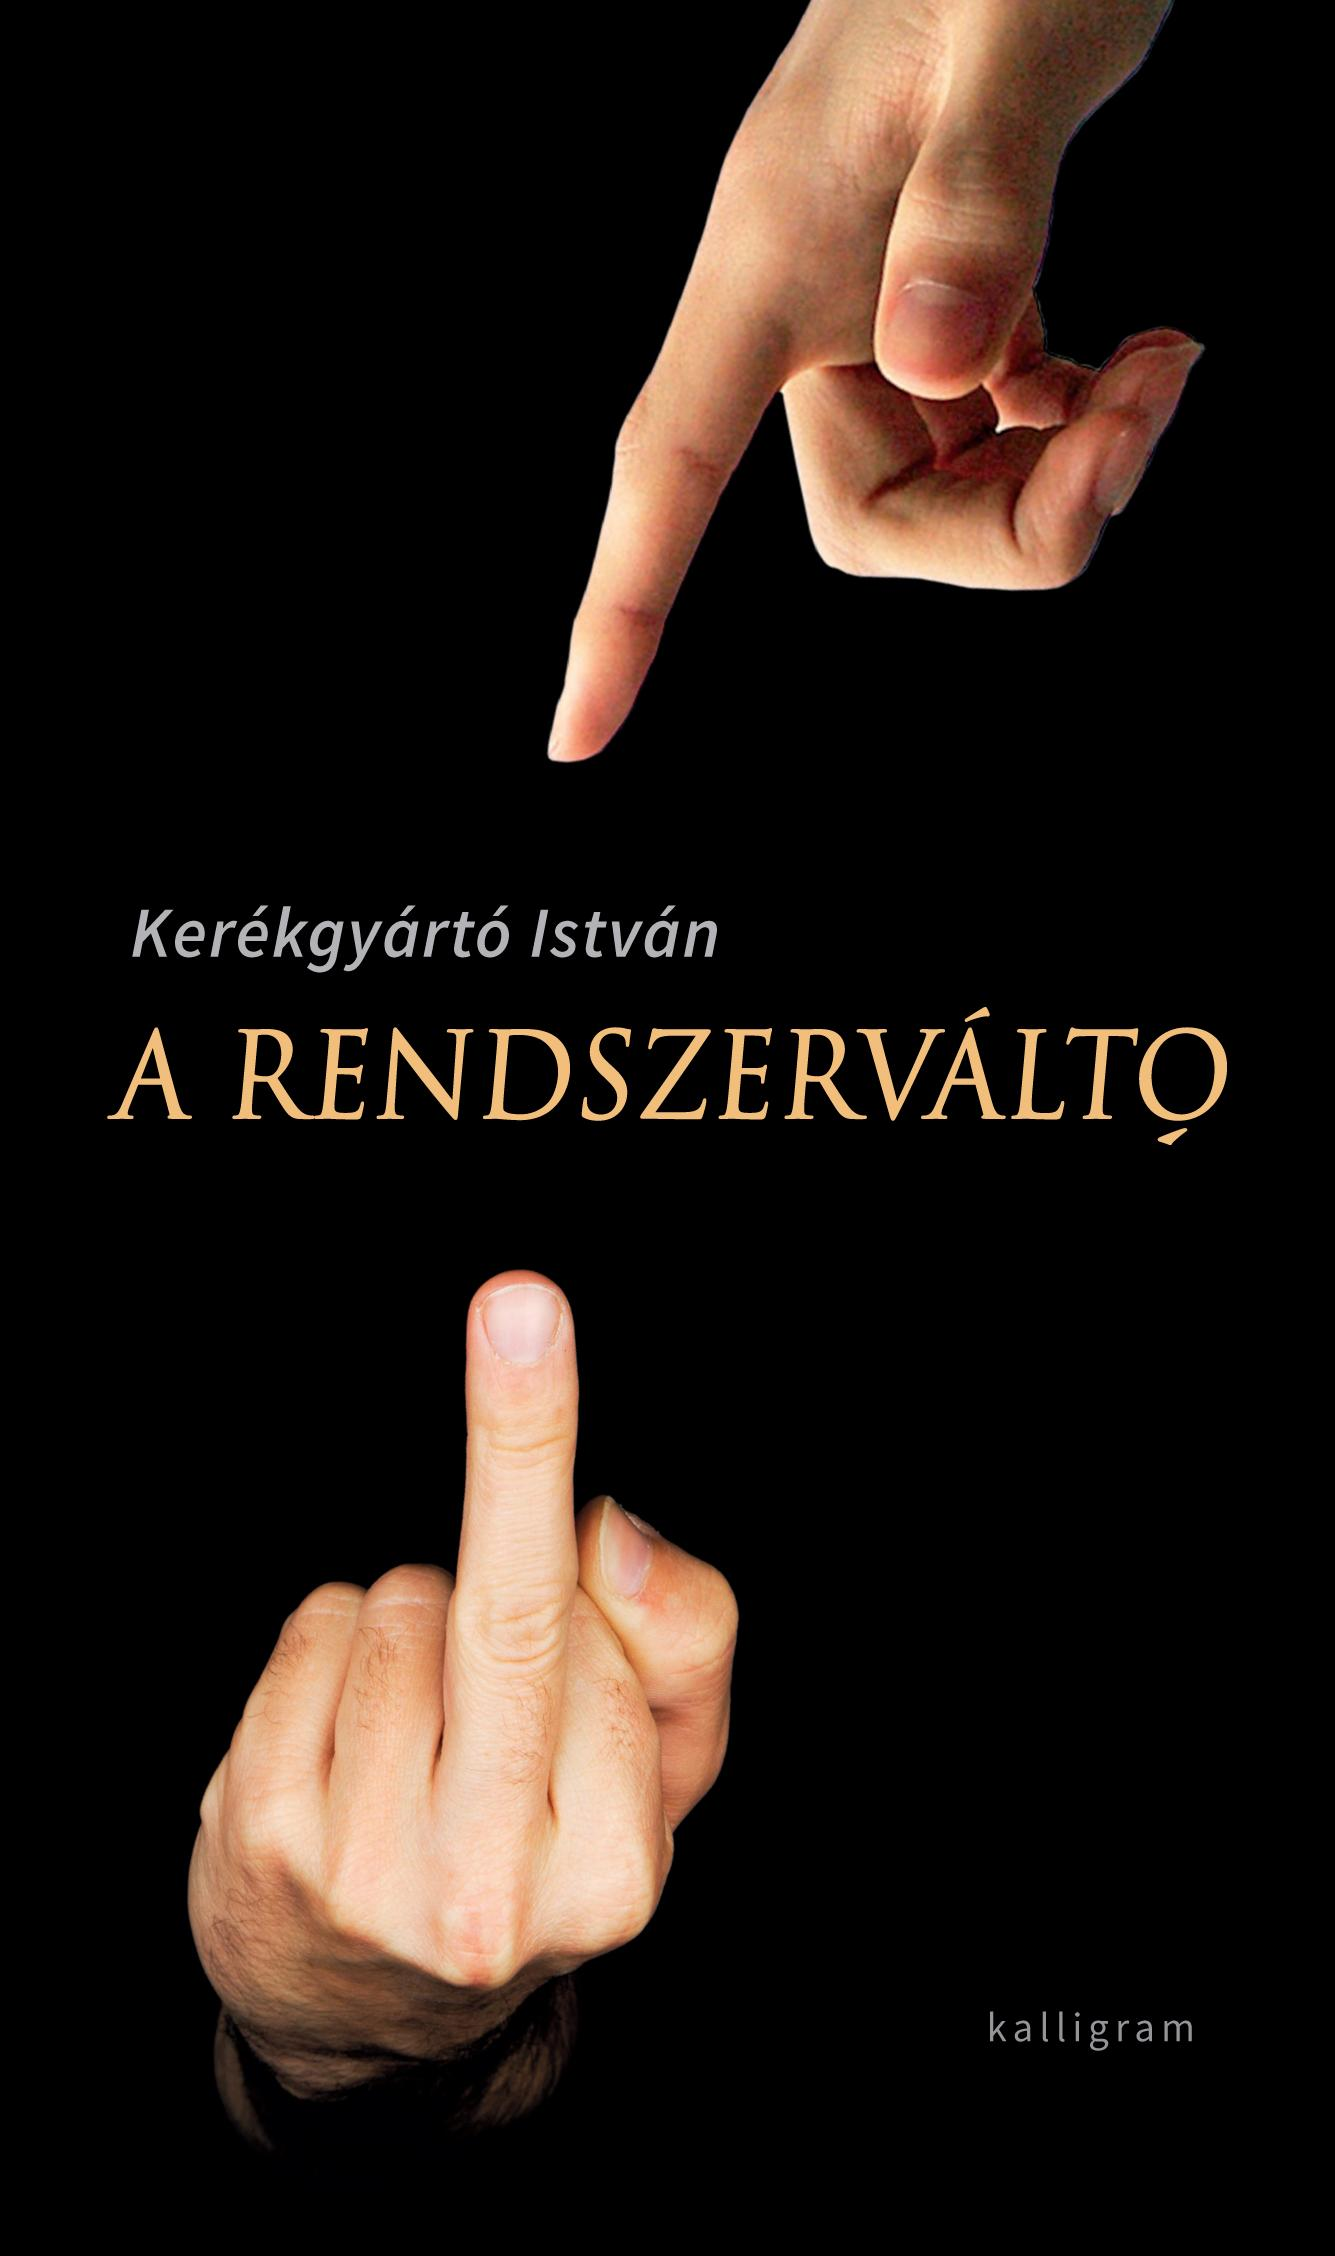 KERÉKGYÁRTÓ ISTVÁN - A RENDSZERVÁLTÓ